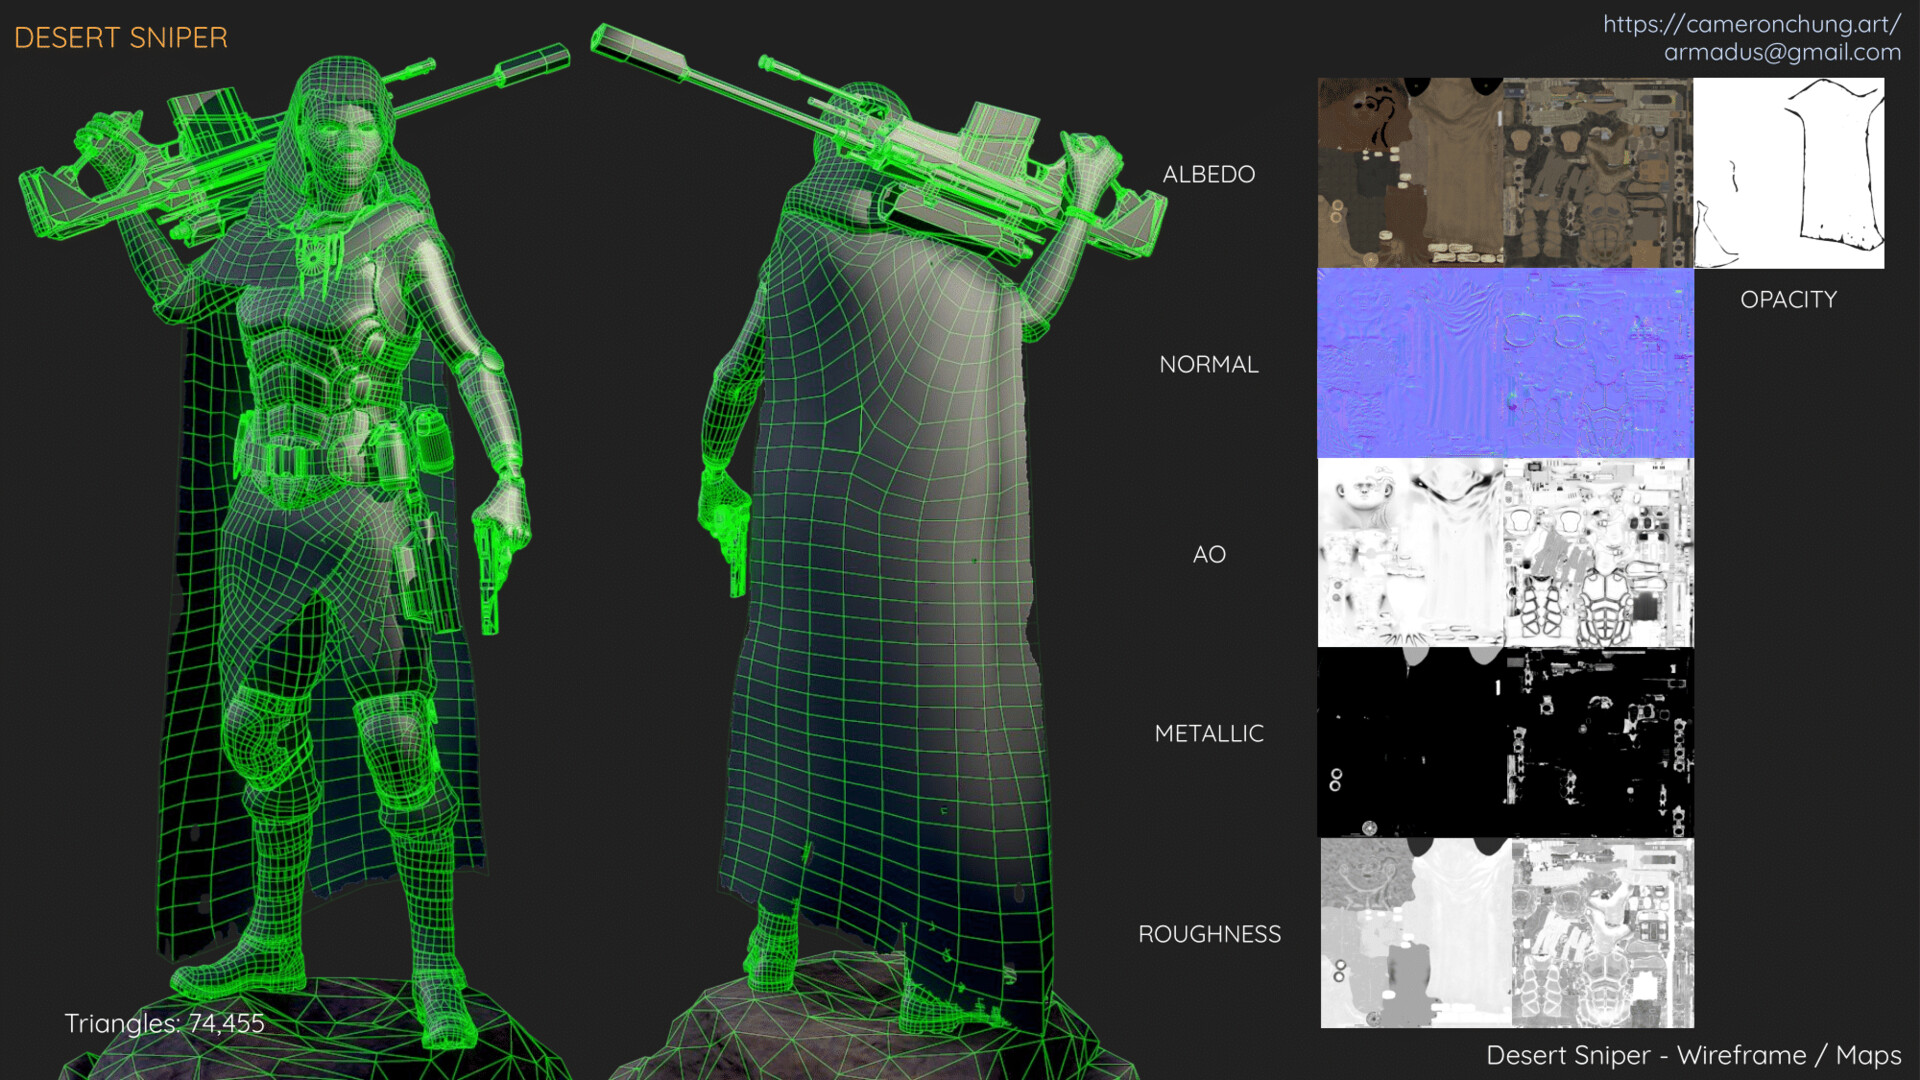 Desert Sniper - Wireframe / Maps